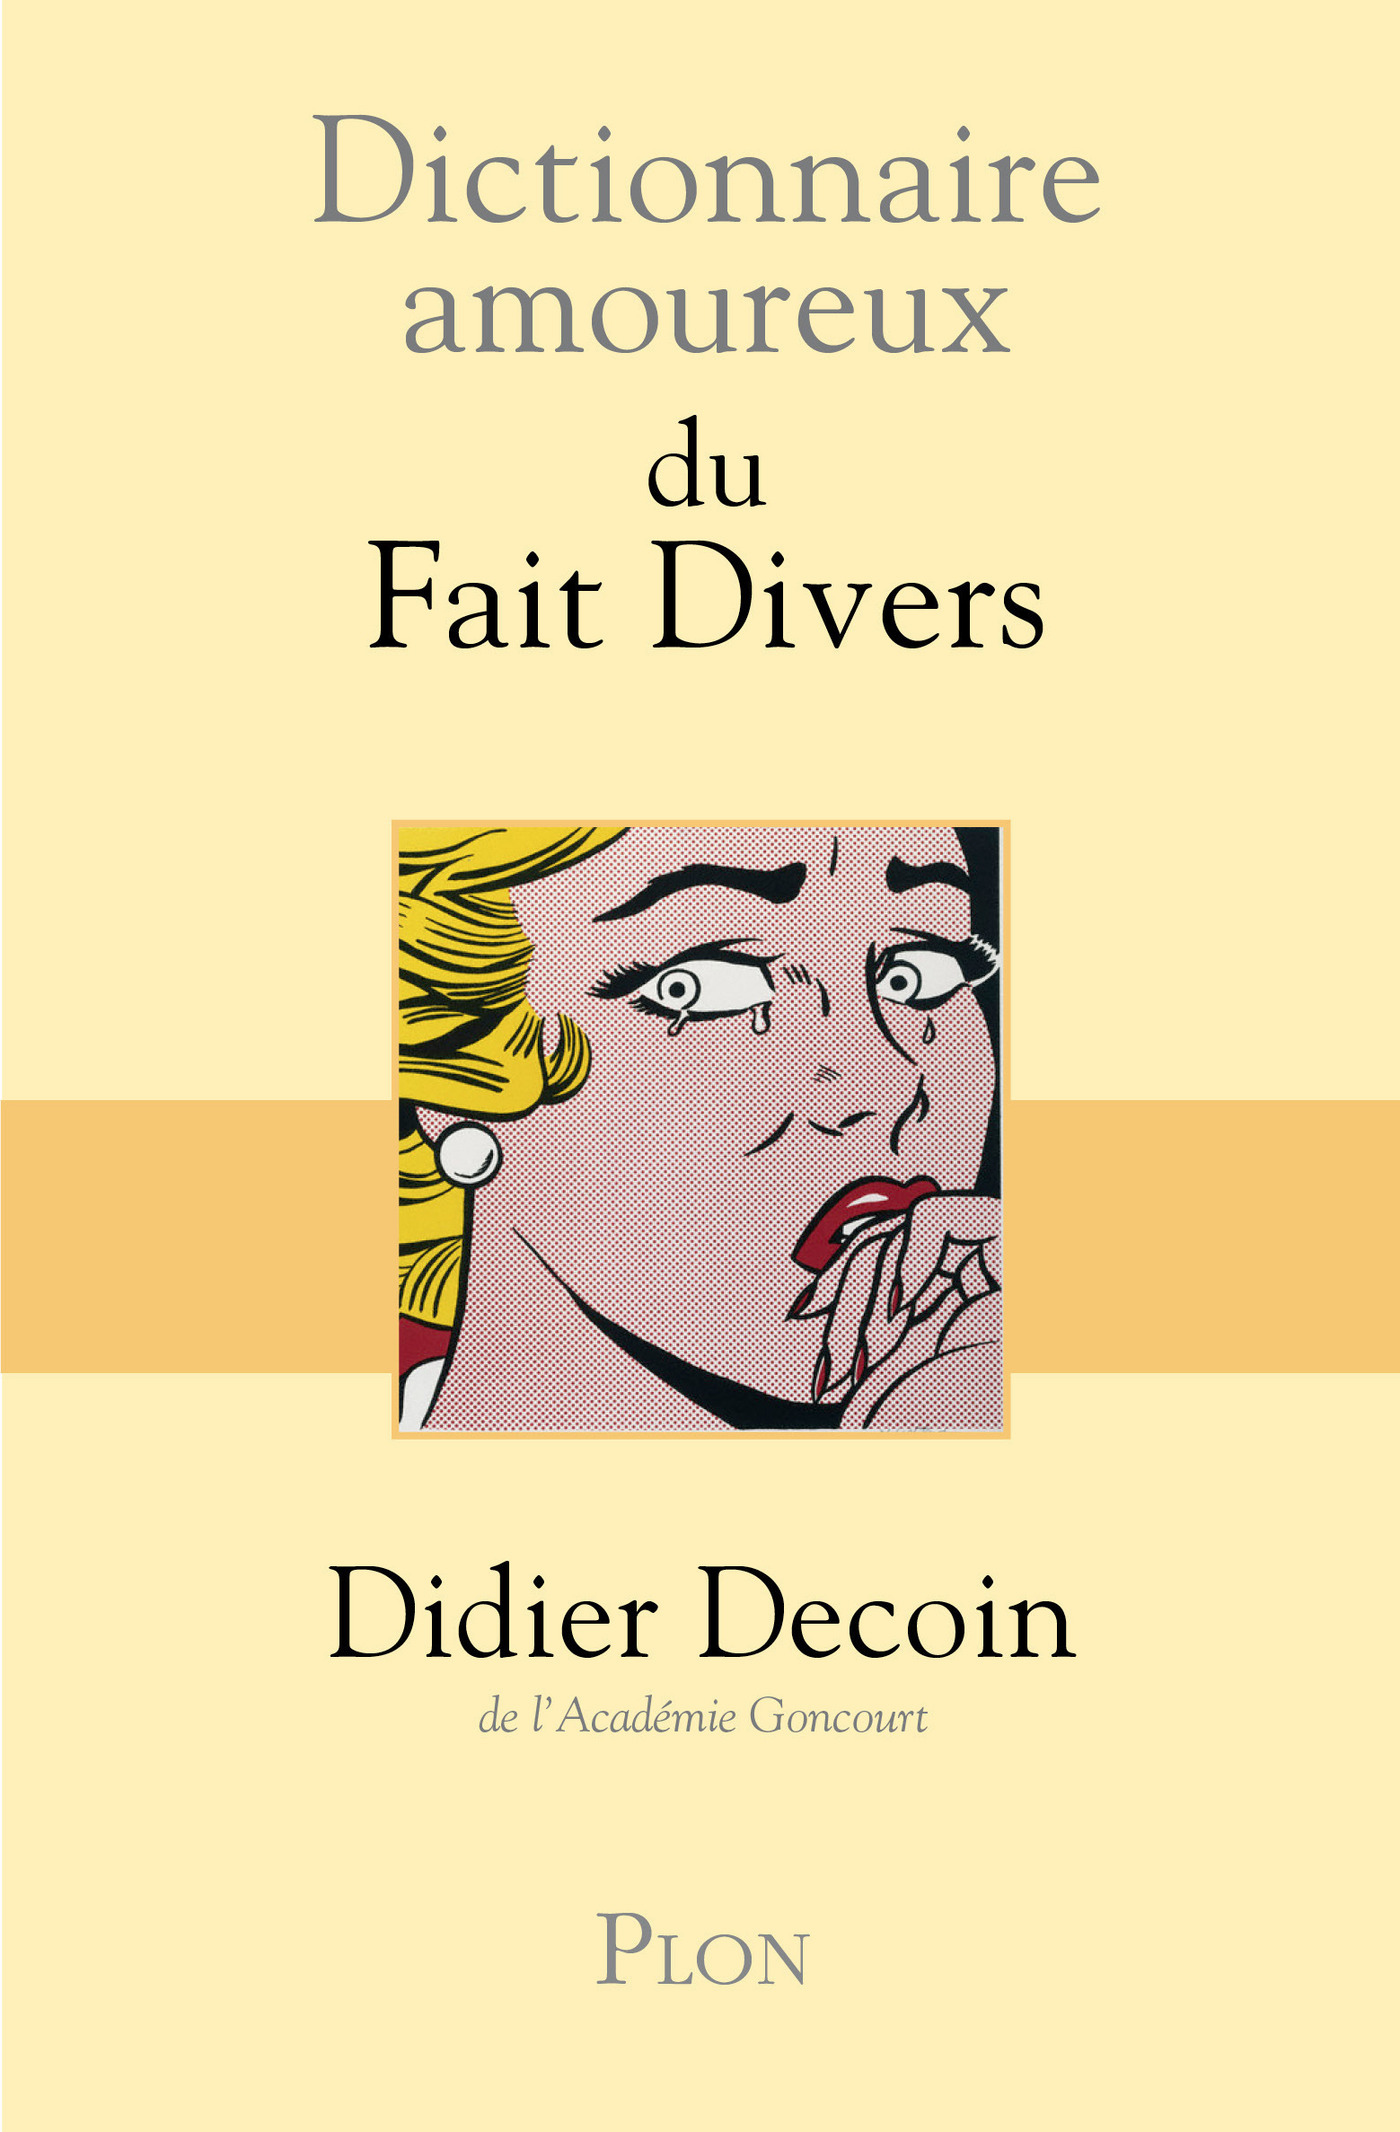 Dictionnaire amoureux des faits divers | DECOIN, Didier